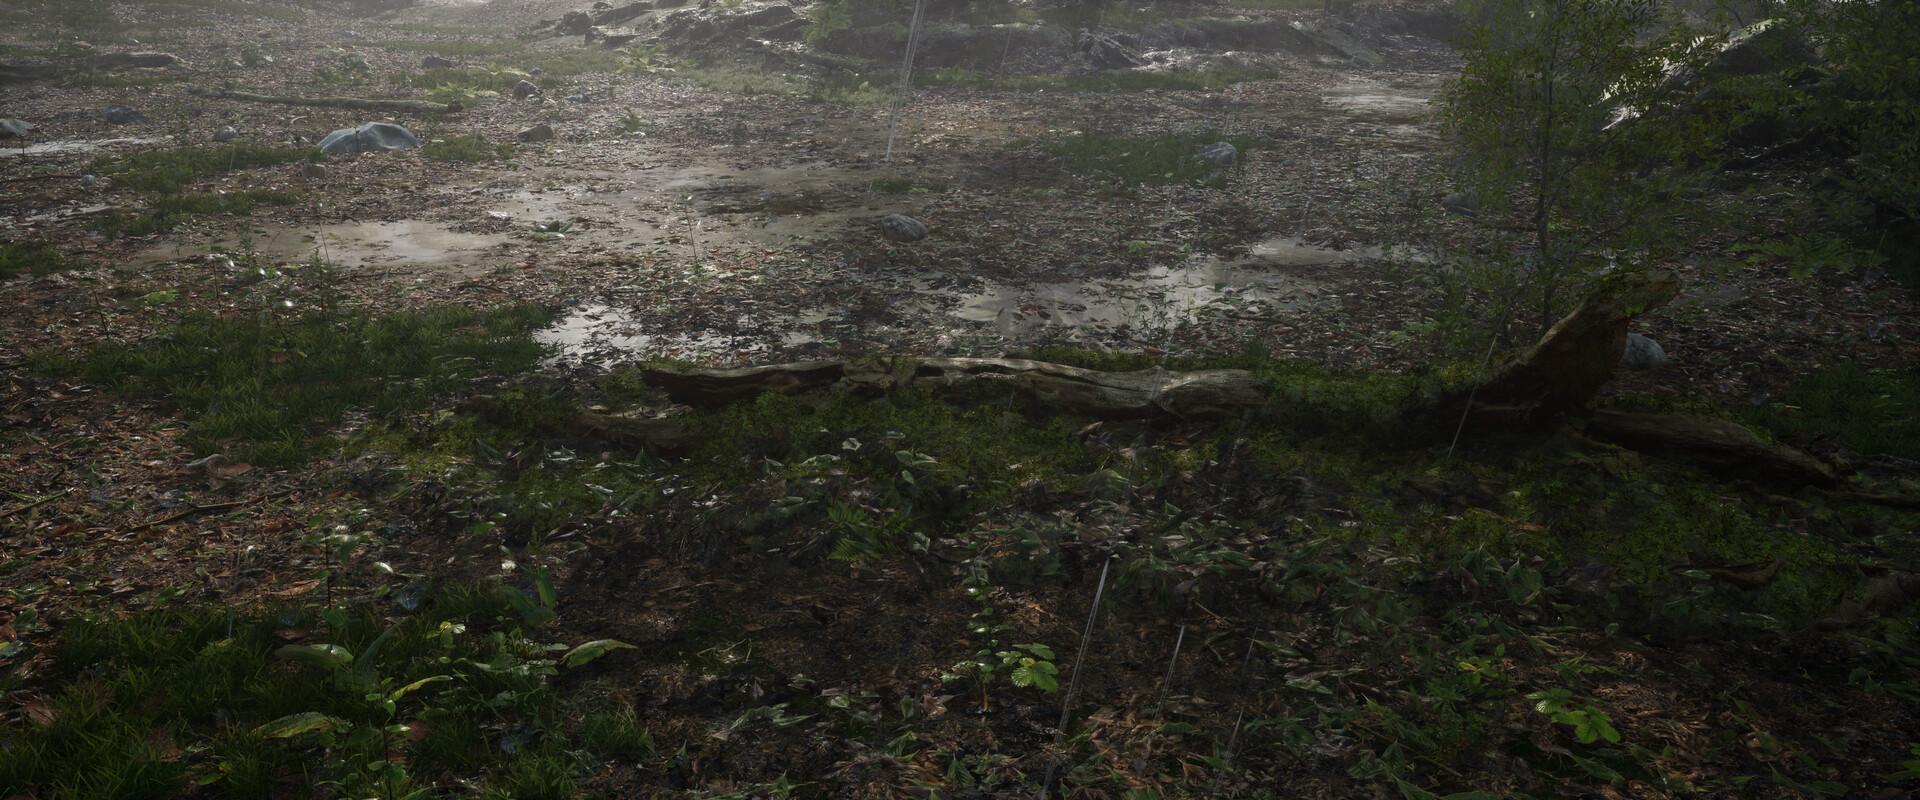 B o w qin forest land rain04